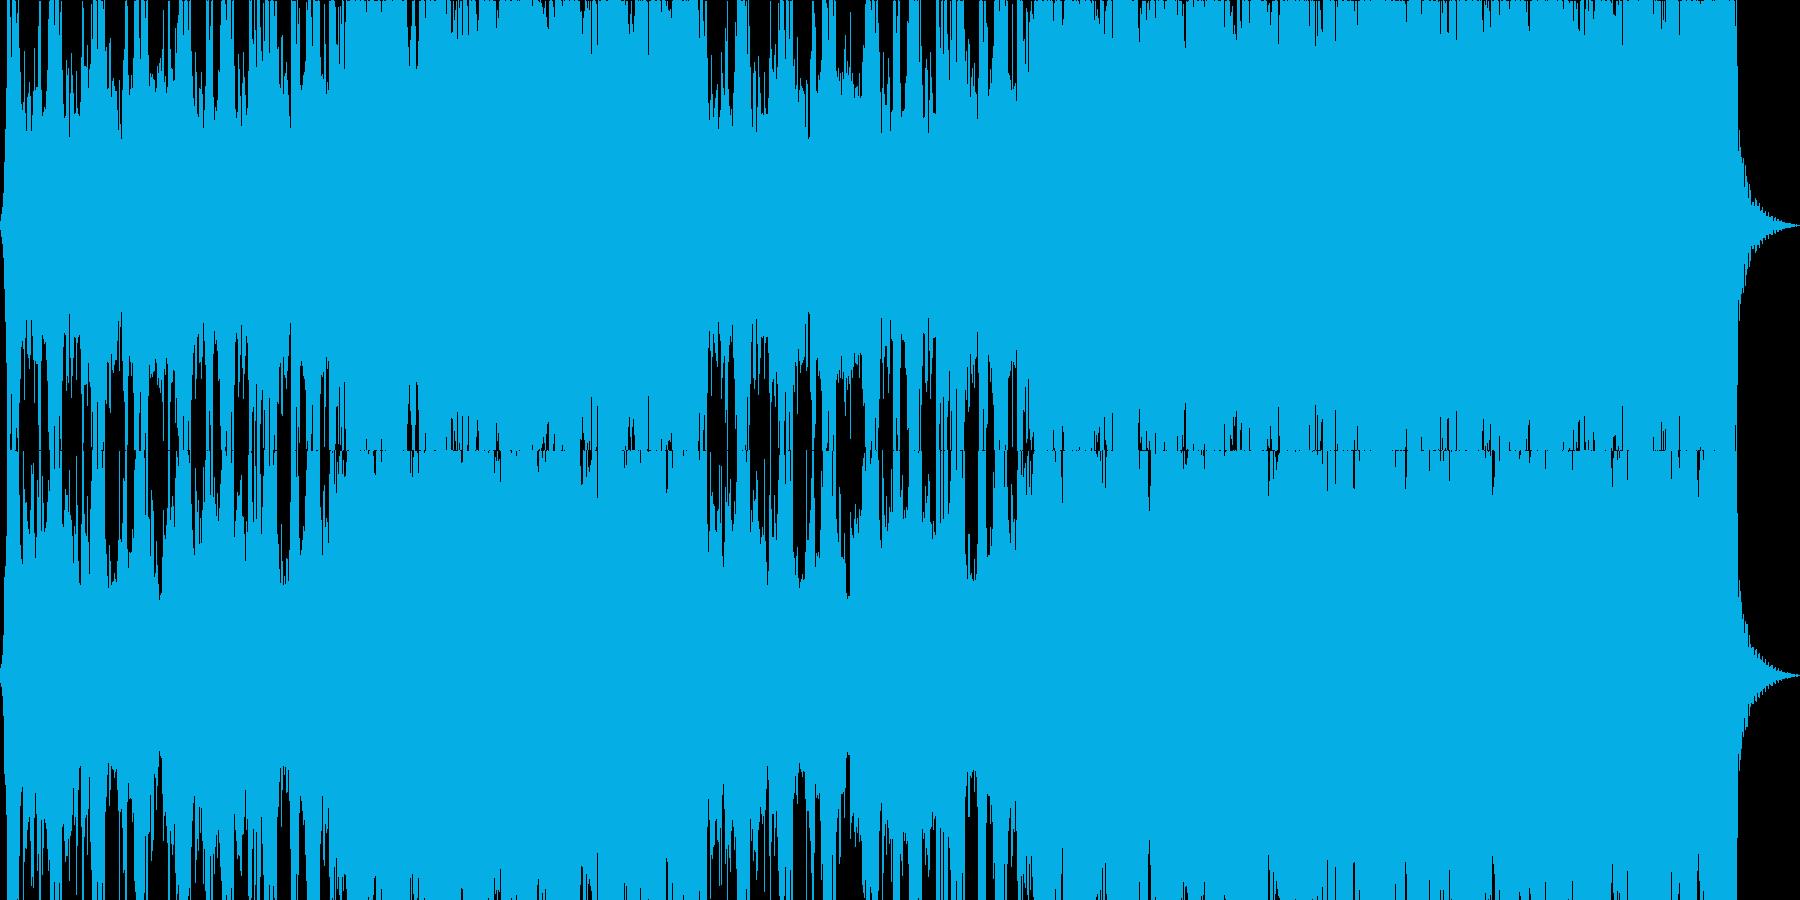 パワフルで激しいロック音楽の再生済みの波形